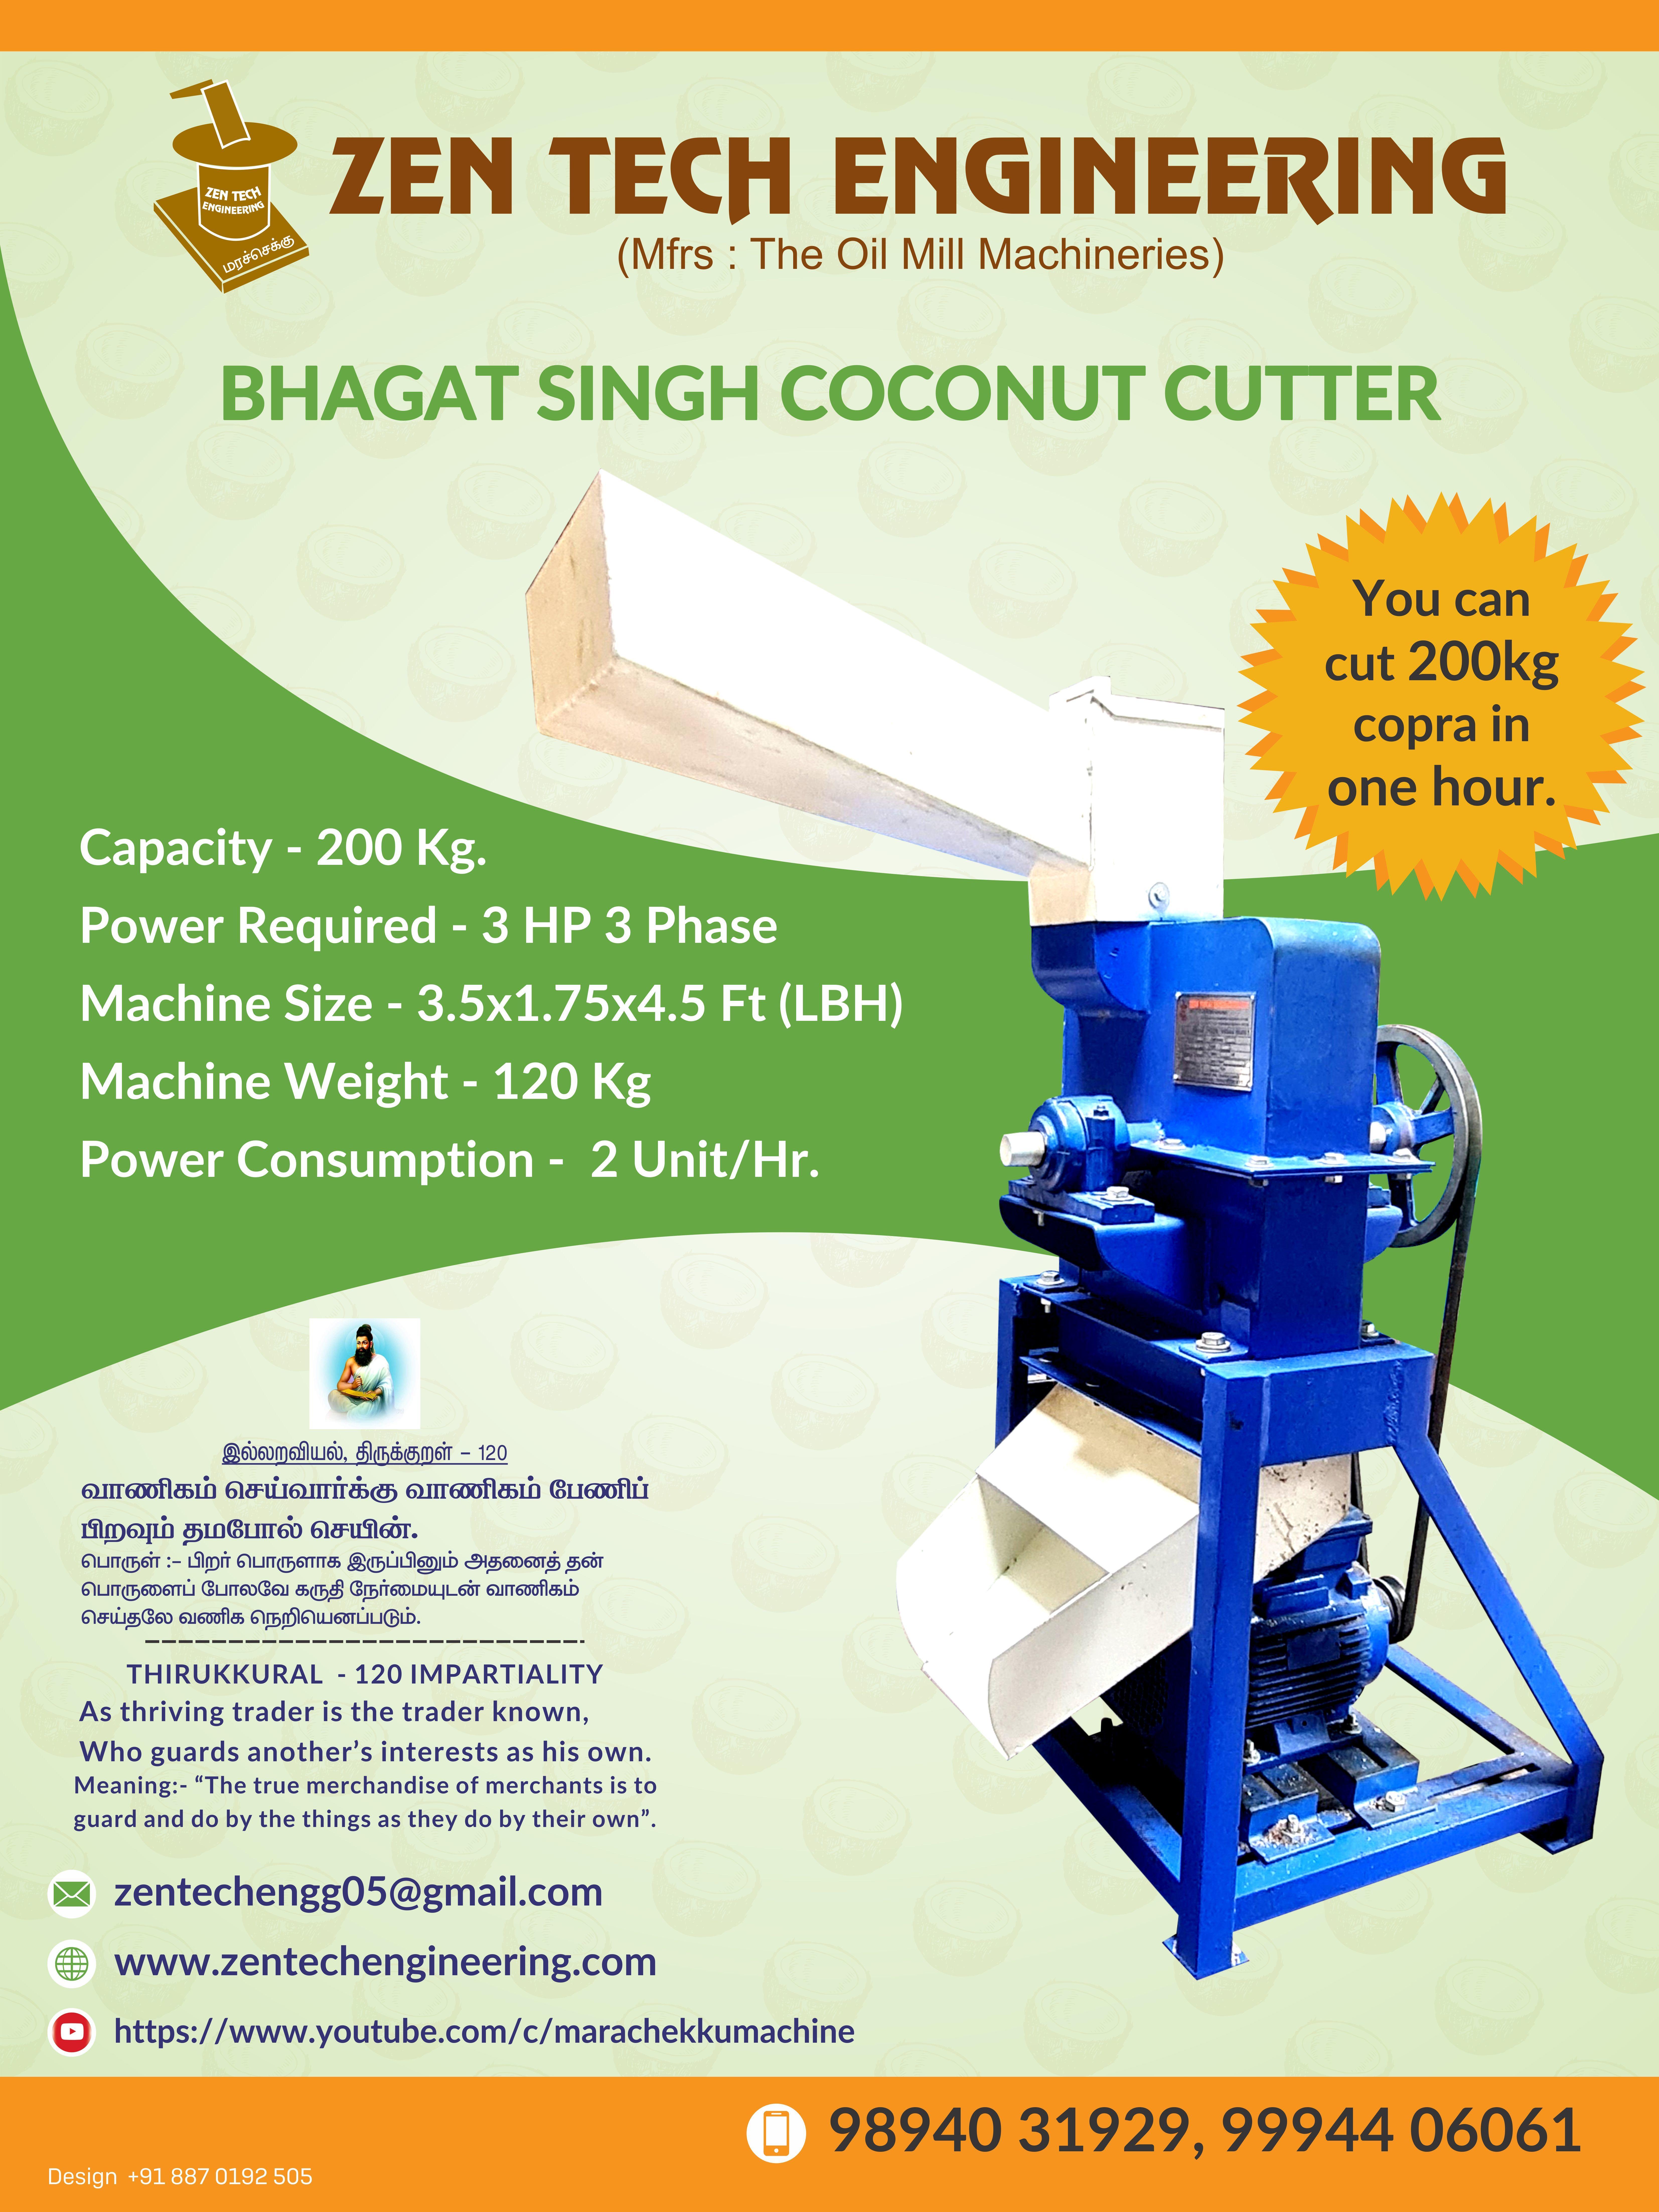 Bhagat Singh Coconut Cutter